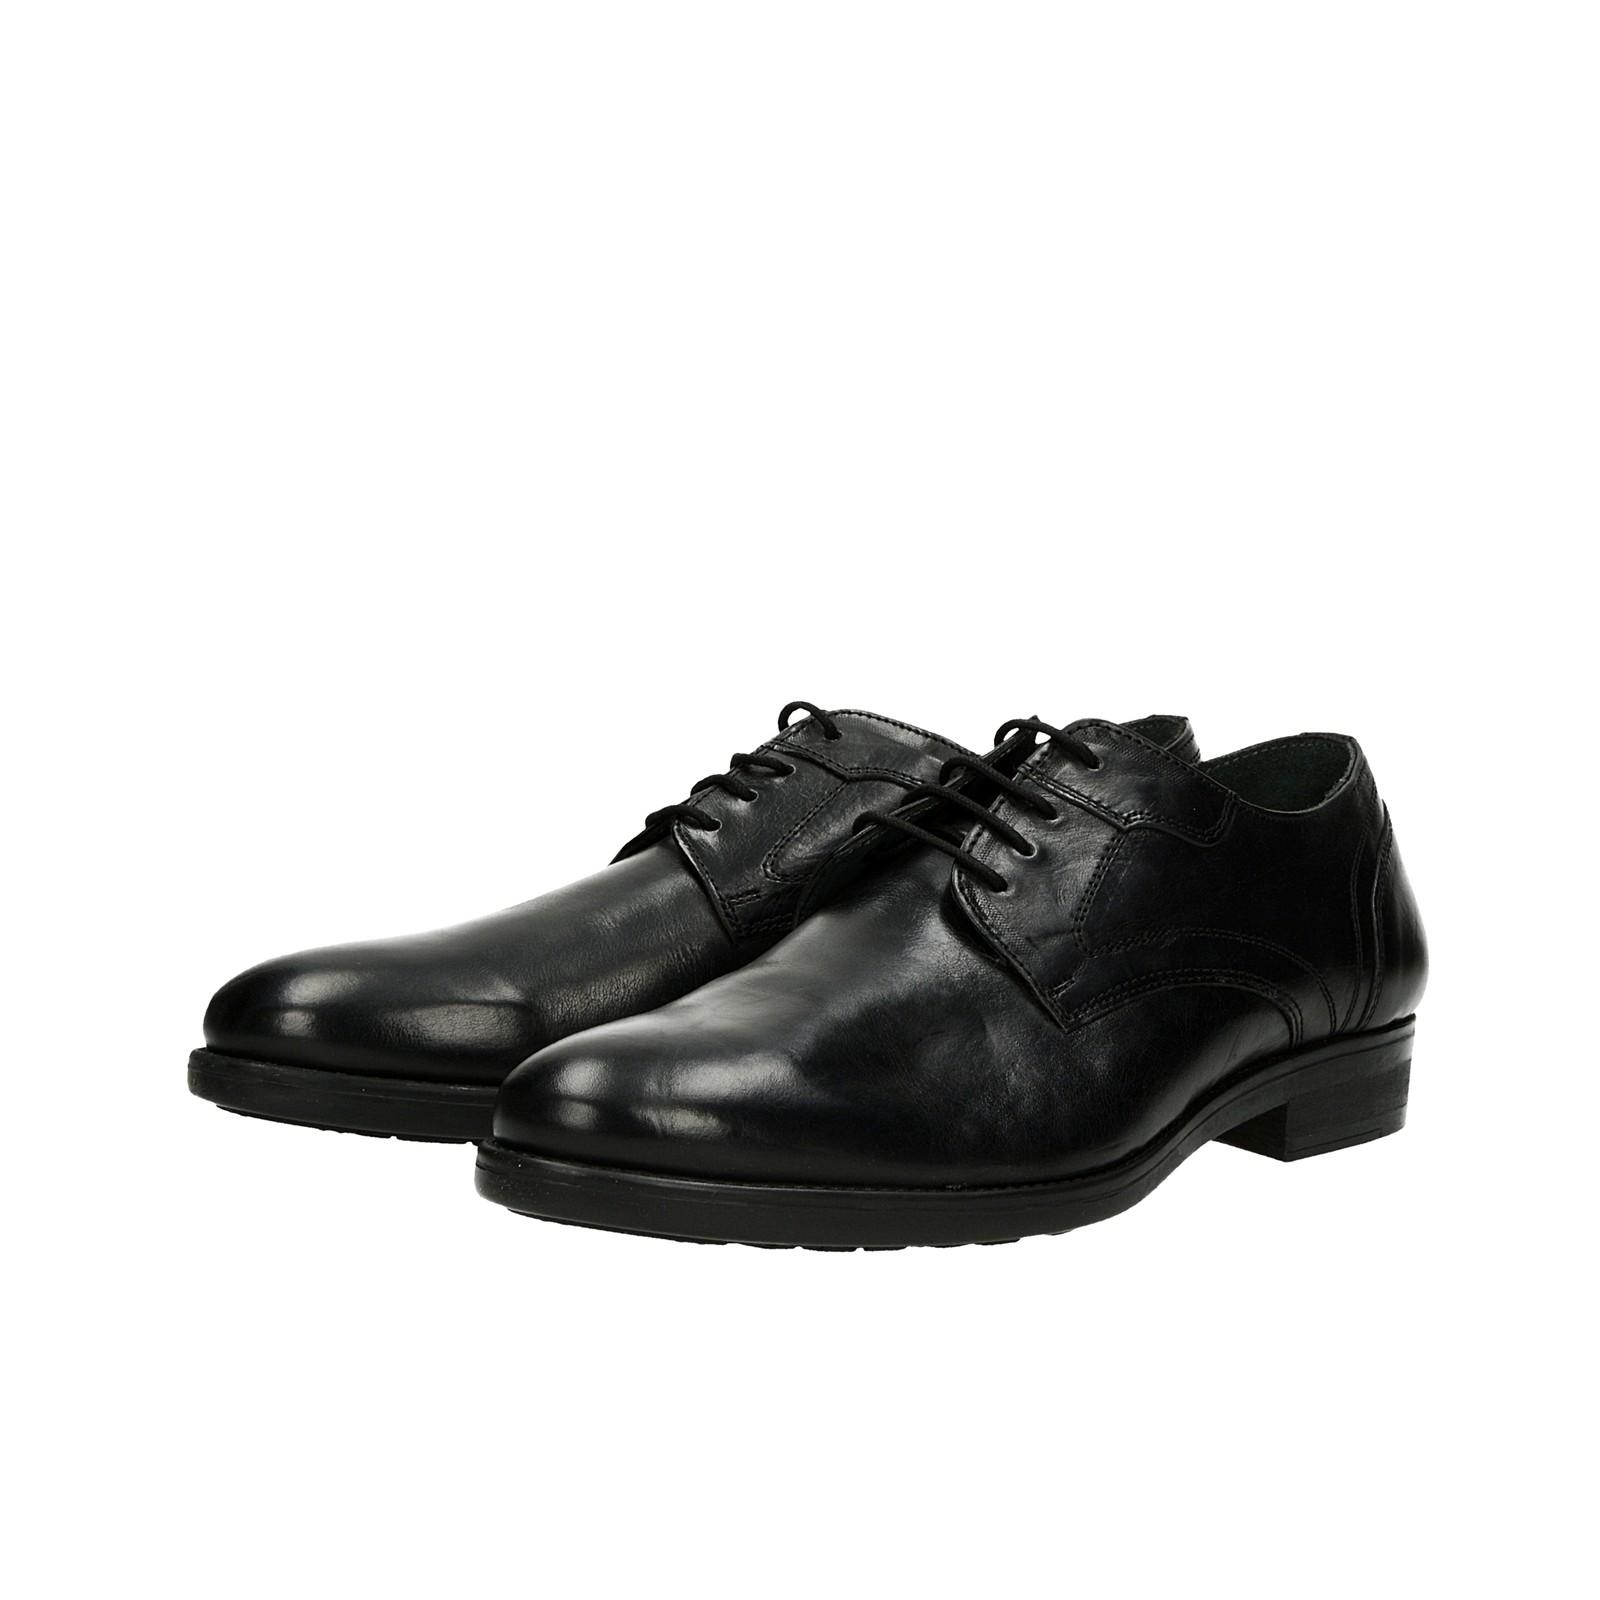 8f916f7ab2 Robel pánske kožené spoločenské topánky - čierne ...